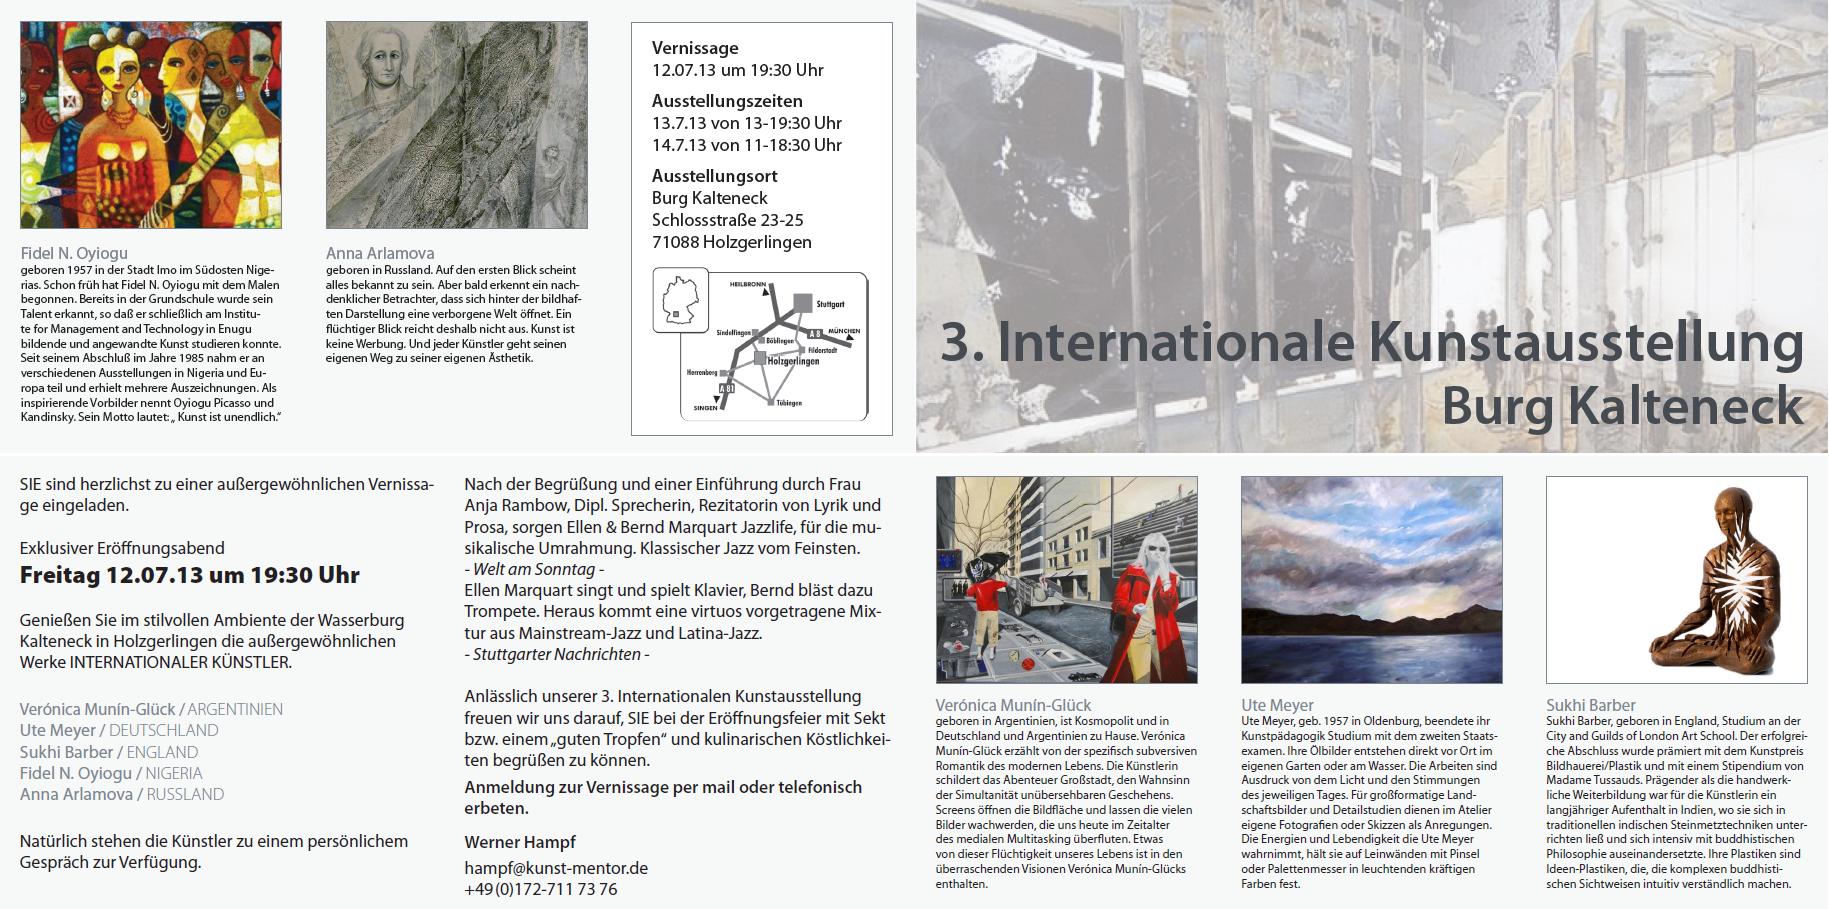 3. Internationale Kunstausstellung Burg Kalteneck